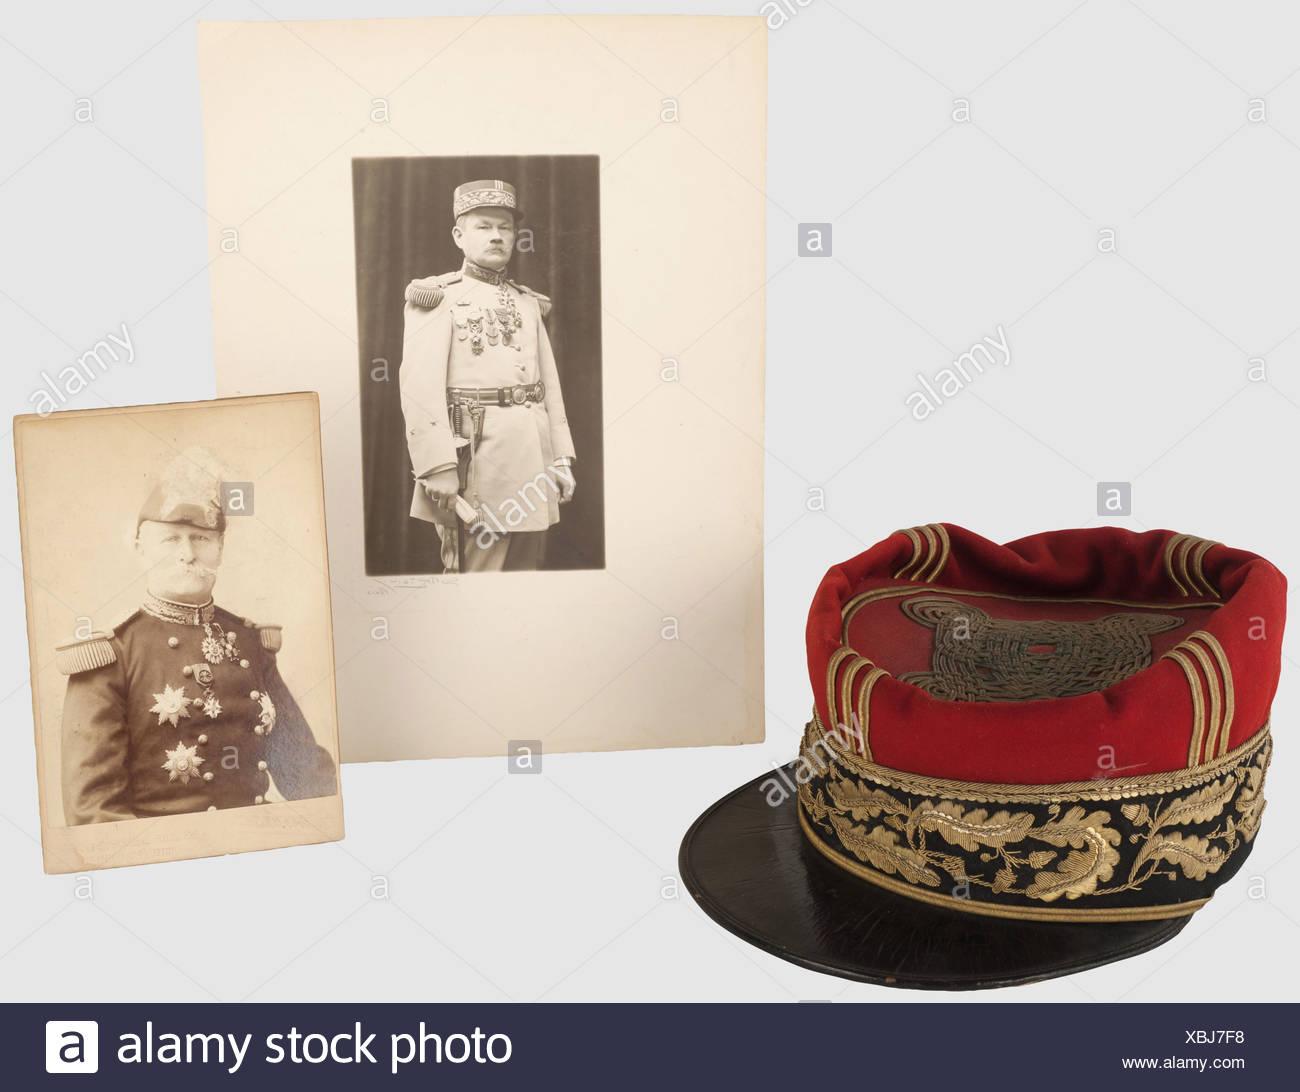 TROISIEME REPUBLIQUE 1870-1914, Képi de général de brigade, vers 1892-1900, calot et turban haut en drap rouge, bikini de drap noir brodé en cannetille ou sur un rang de feuilles de chêne, visière en cuir avec soutache ou, noeud hongrois à 5 brins et les ailettes verticales en soutache soutaches ou. Usures d'usage. On y joint 2 photographies de généraux, l'une du général Jeannerod en grande tenue 1872, et l'autre d'un général de brigade en 1921, , Additional-Rights tunique-Clearences-NA Photo Stock